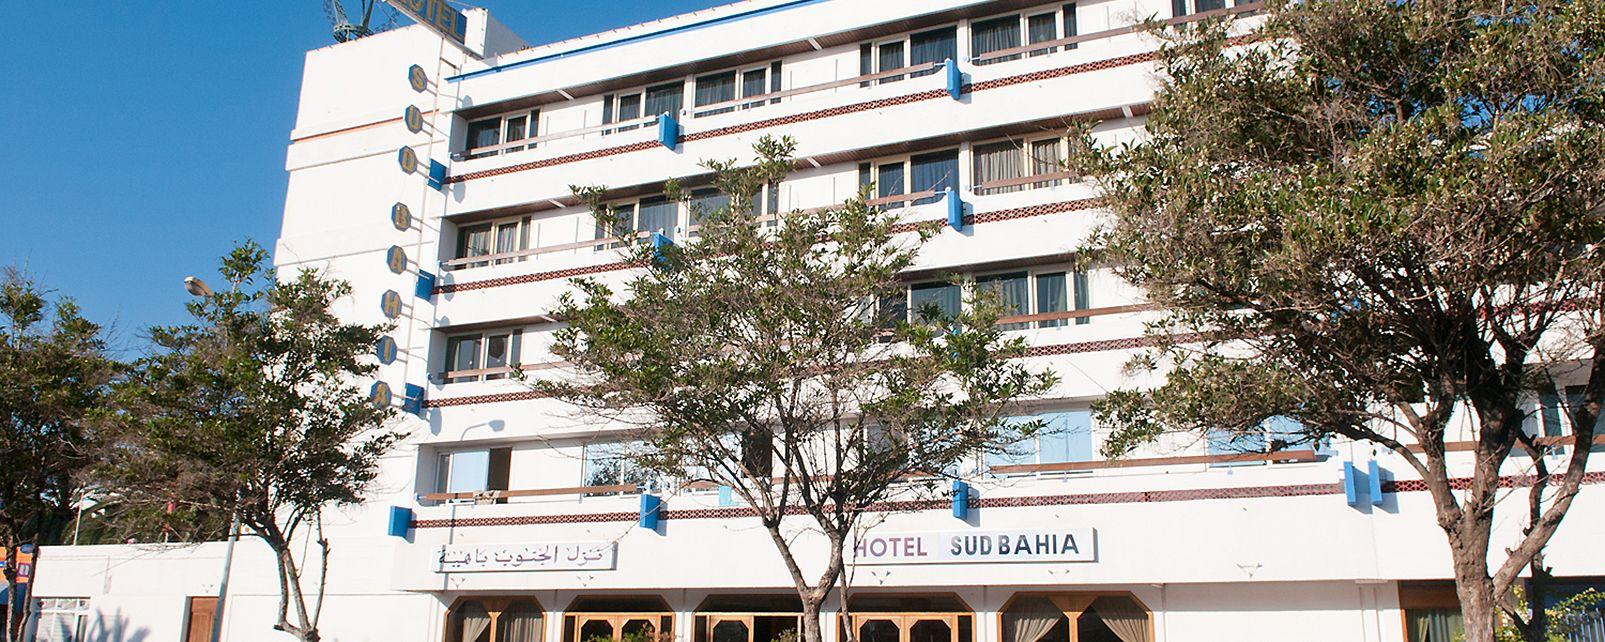 Hôtel Sud Bahia